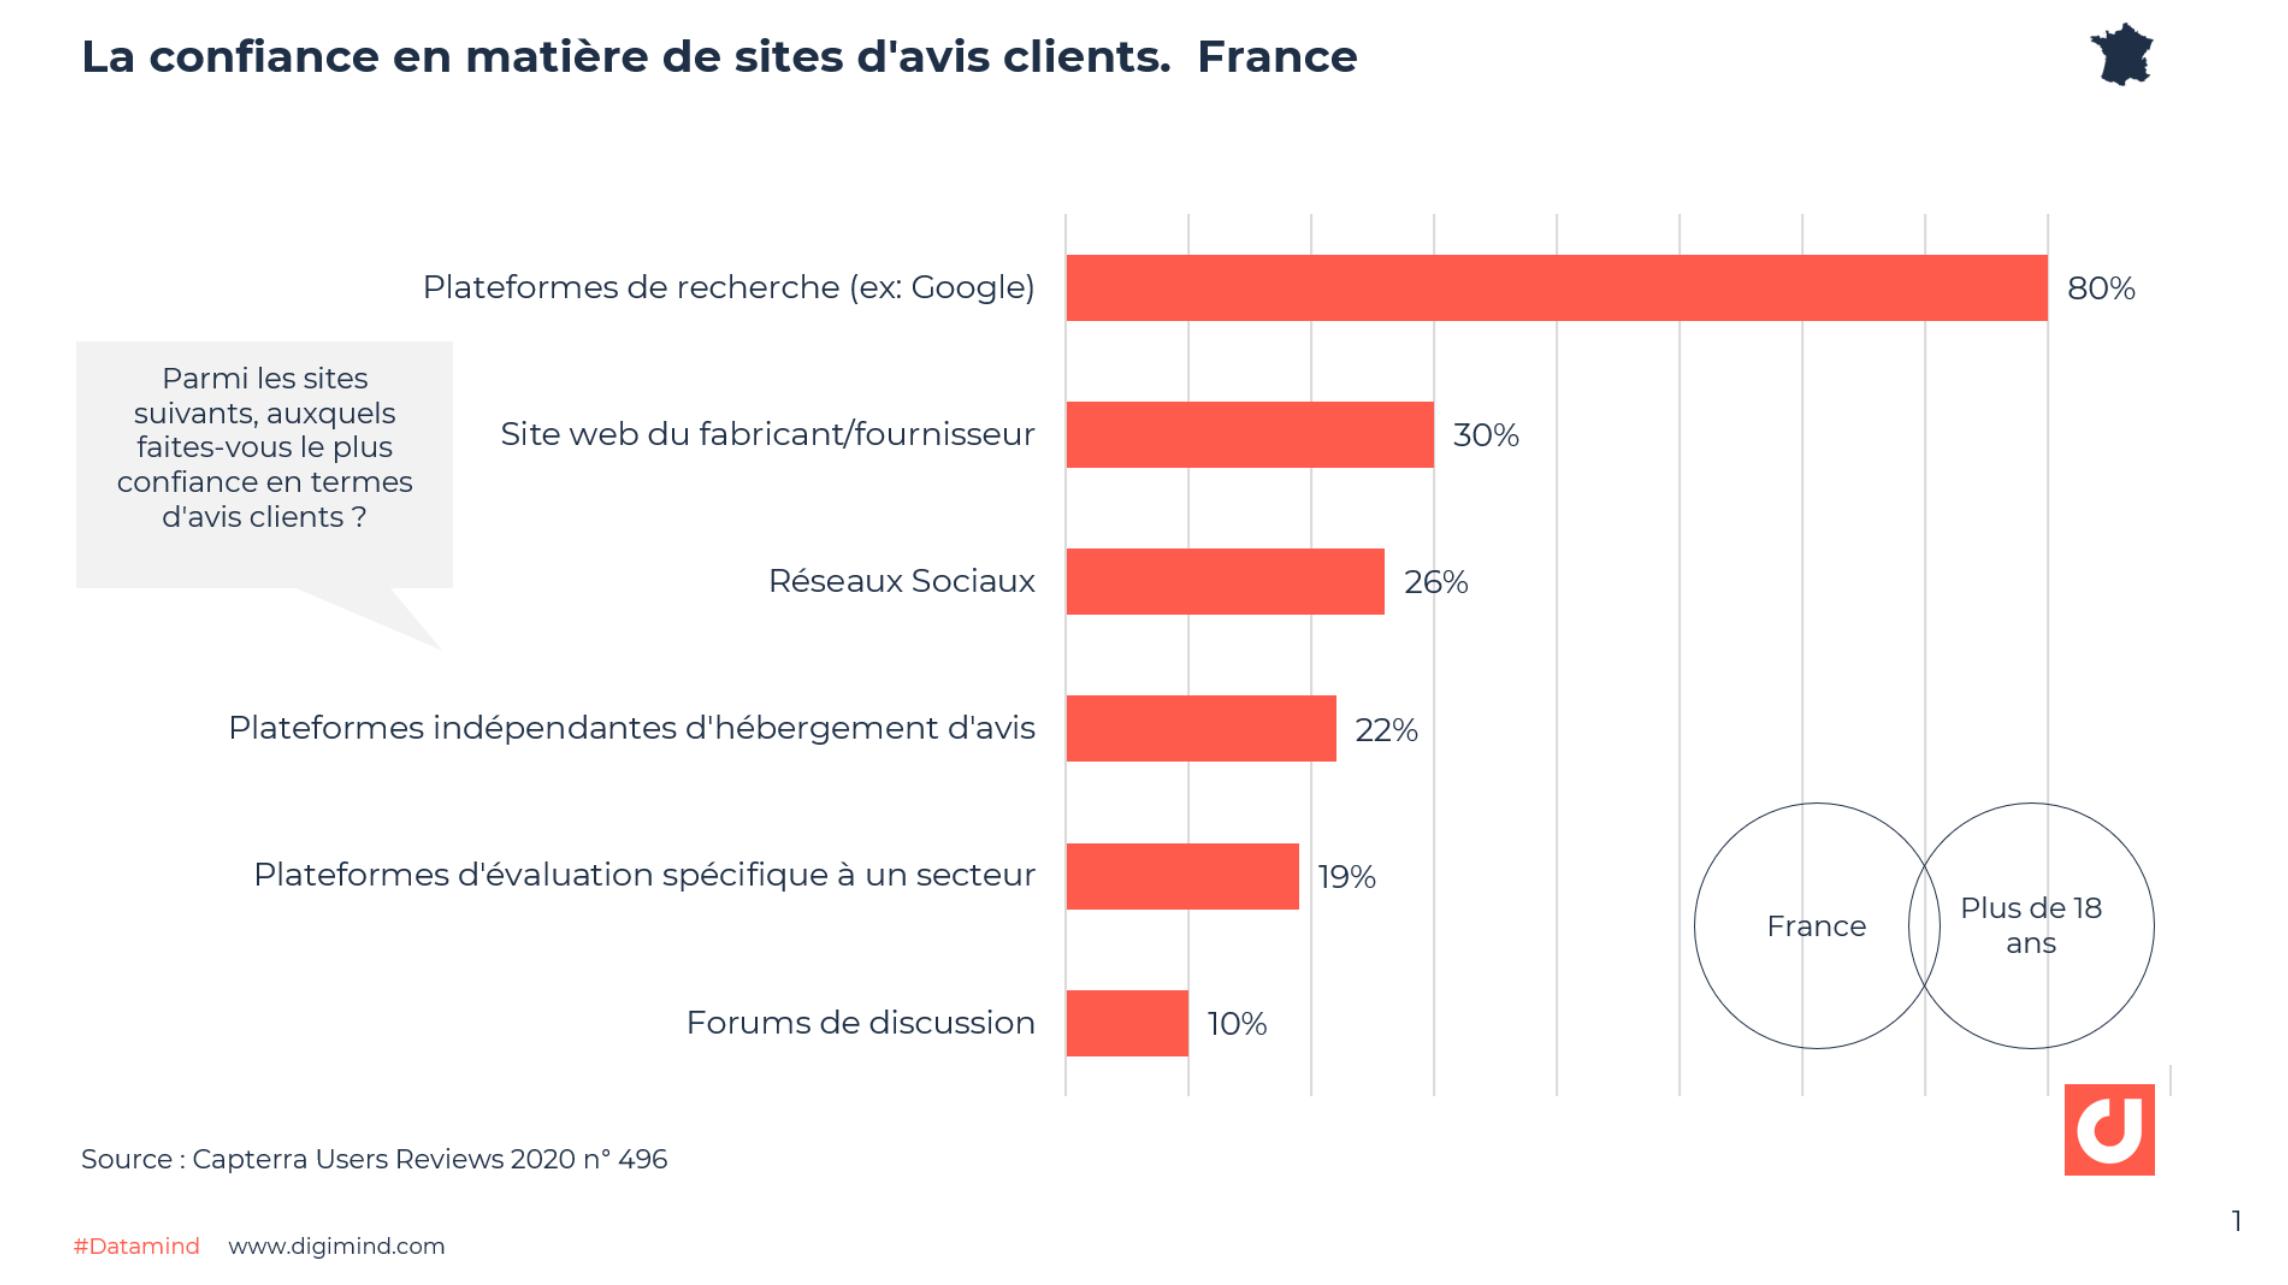 La confiance en matière de sites d'avis clients. France - Source : Capterra